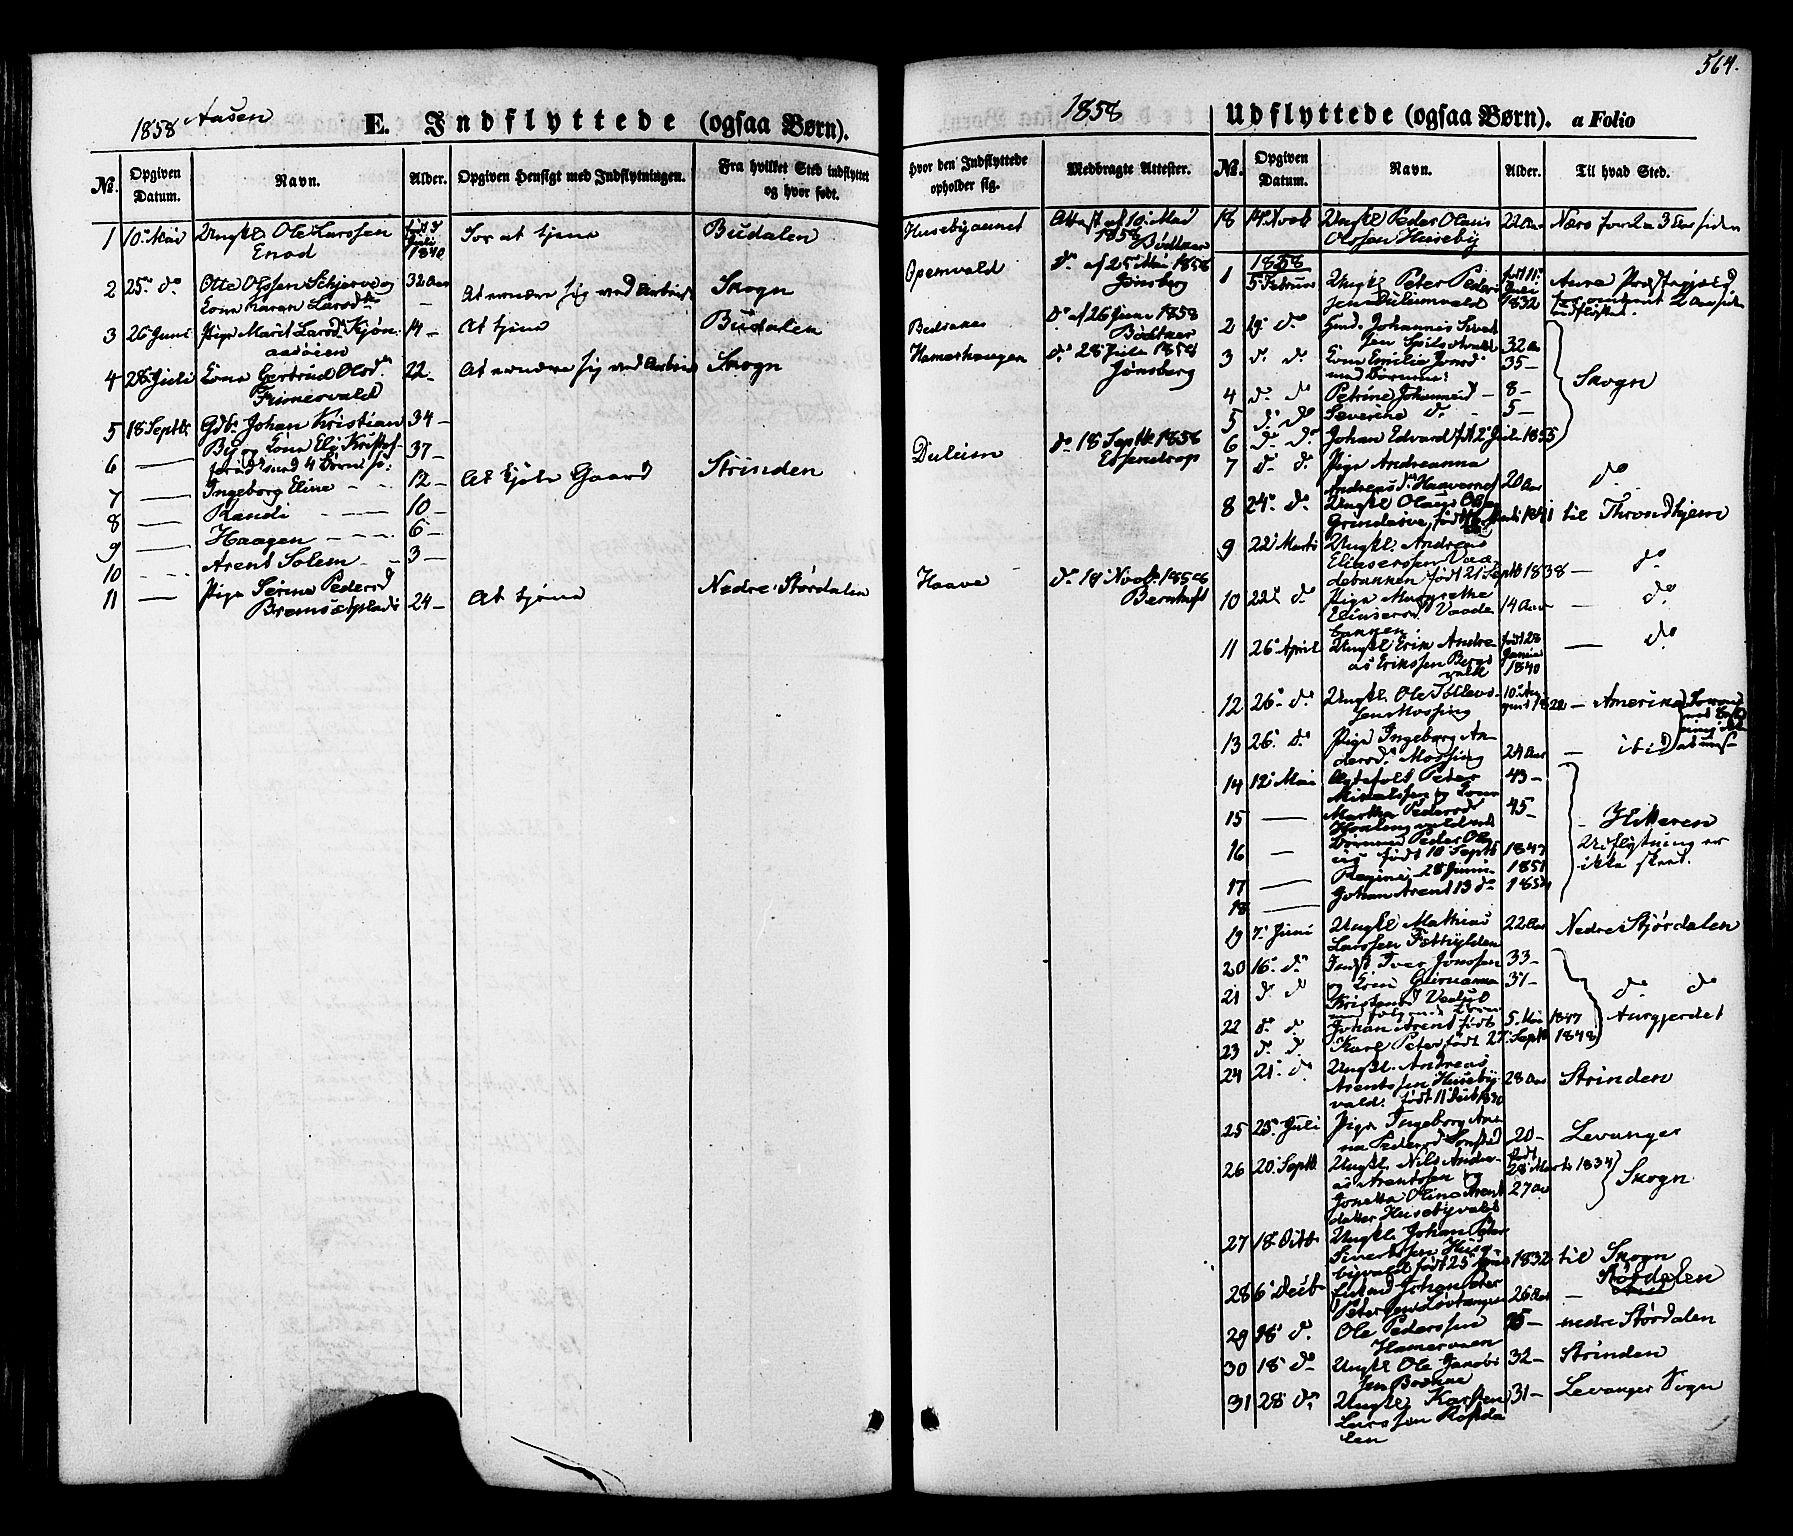 SAT, Ministerialprotokoller, klokkerbøker og fødselsregistre - Nord-Trøndelag, 713/L0116: Ministerialbok nr. 713A07 /2, 1850-1877, s. 564